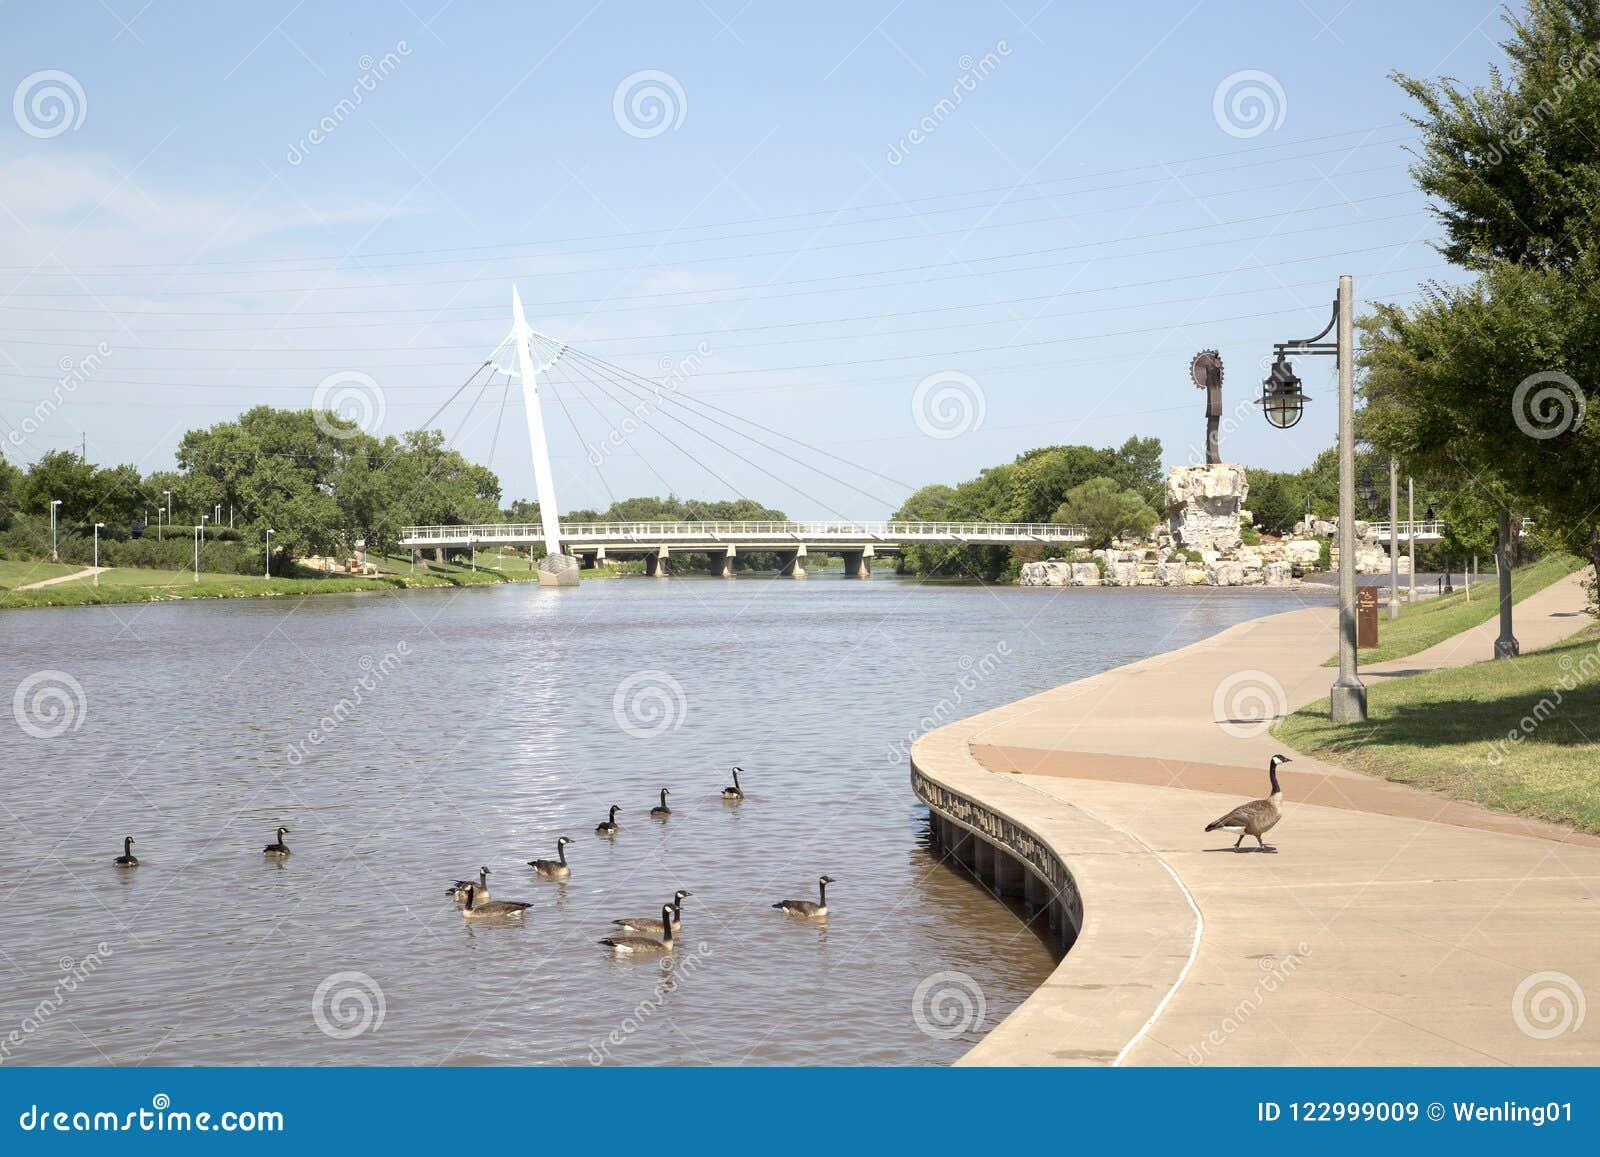 Για τους πεζούς άποψη γεφυρών στο Wichita Κάνσας